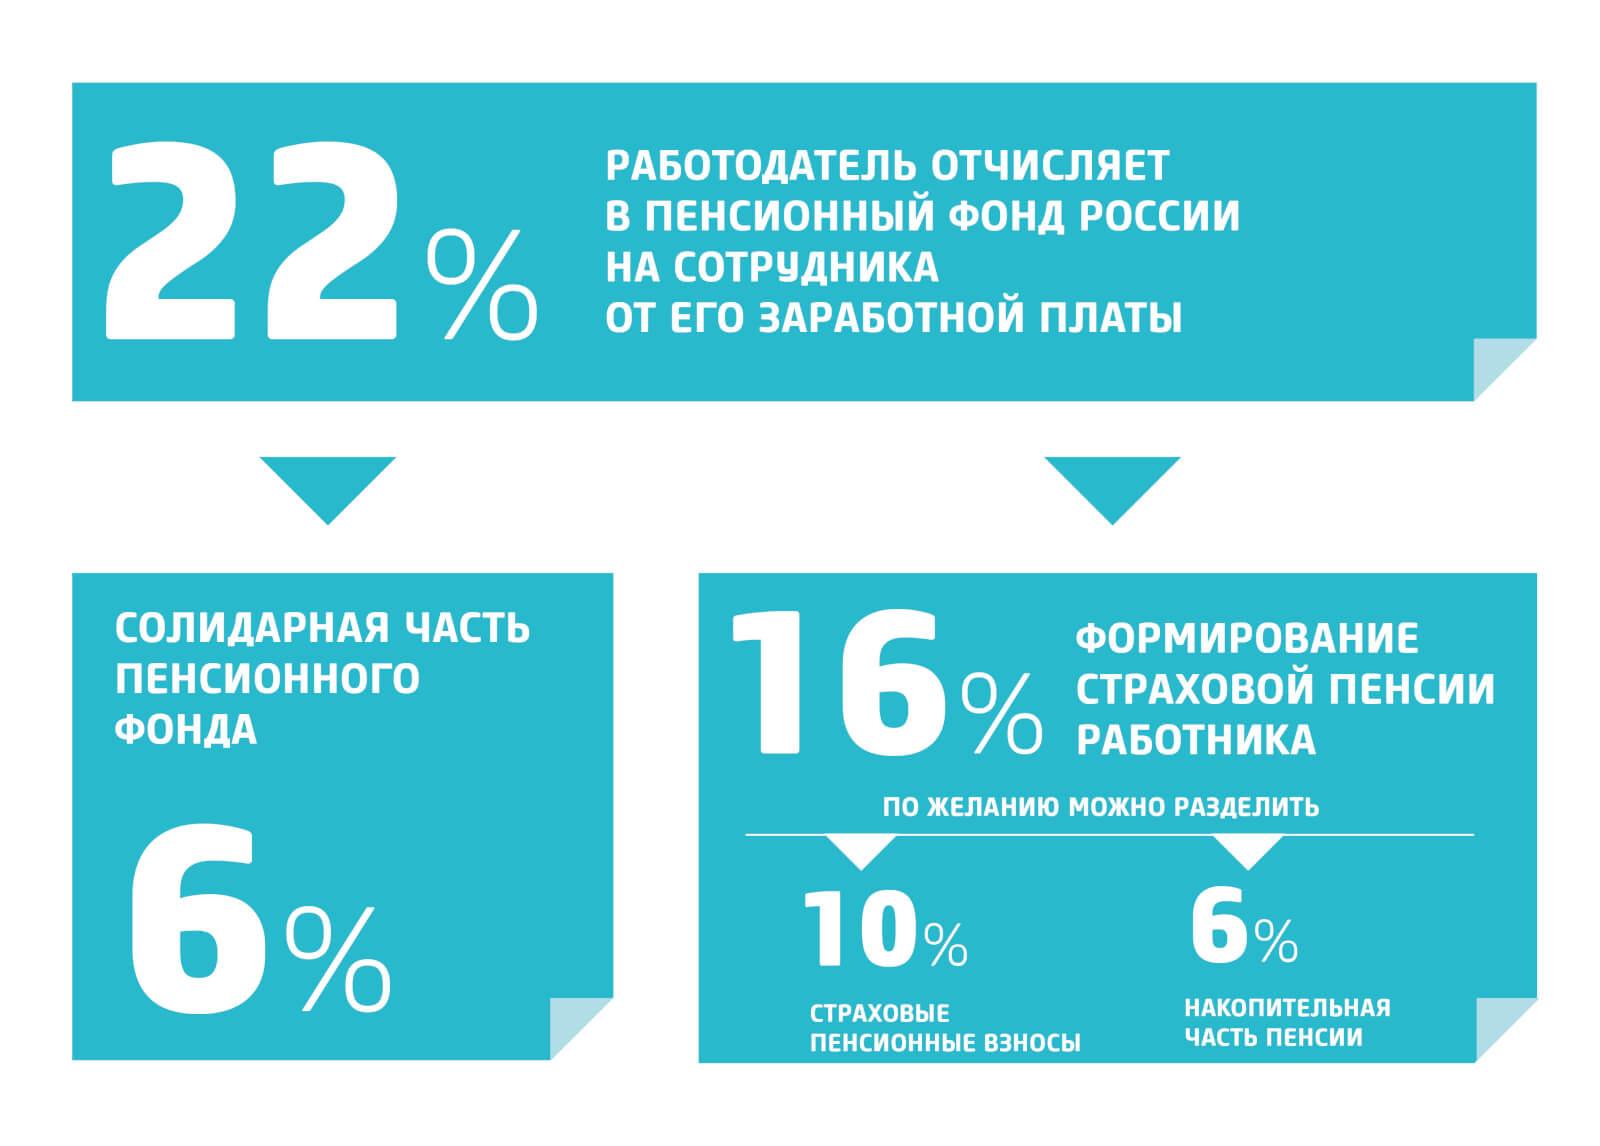 Размер податей в ПФР